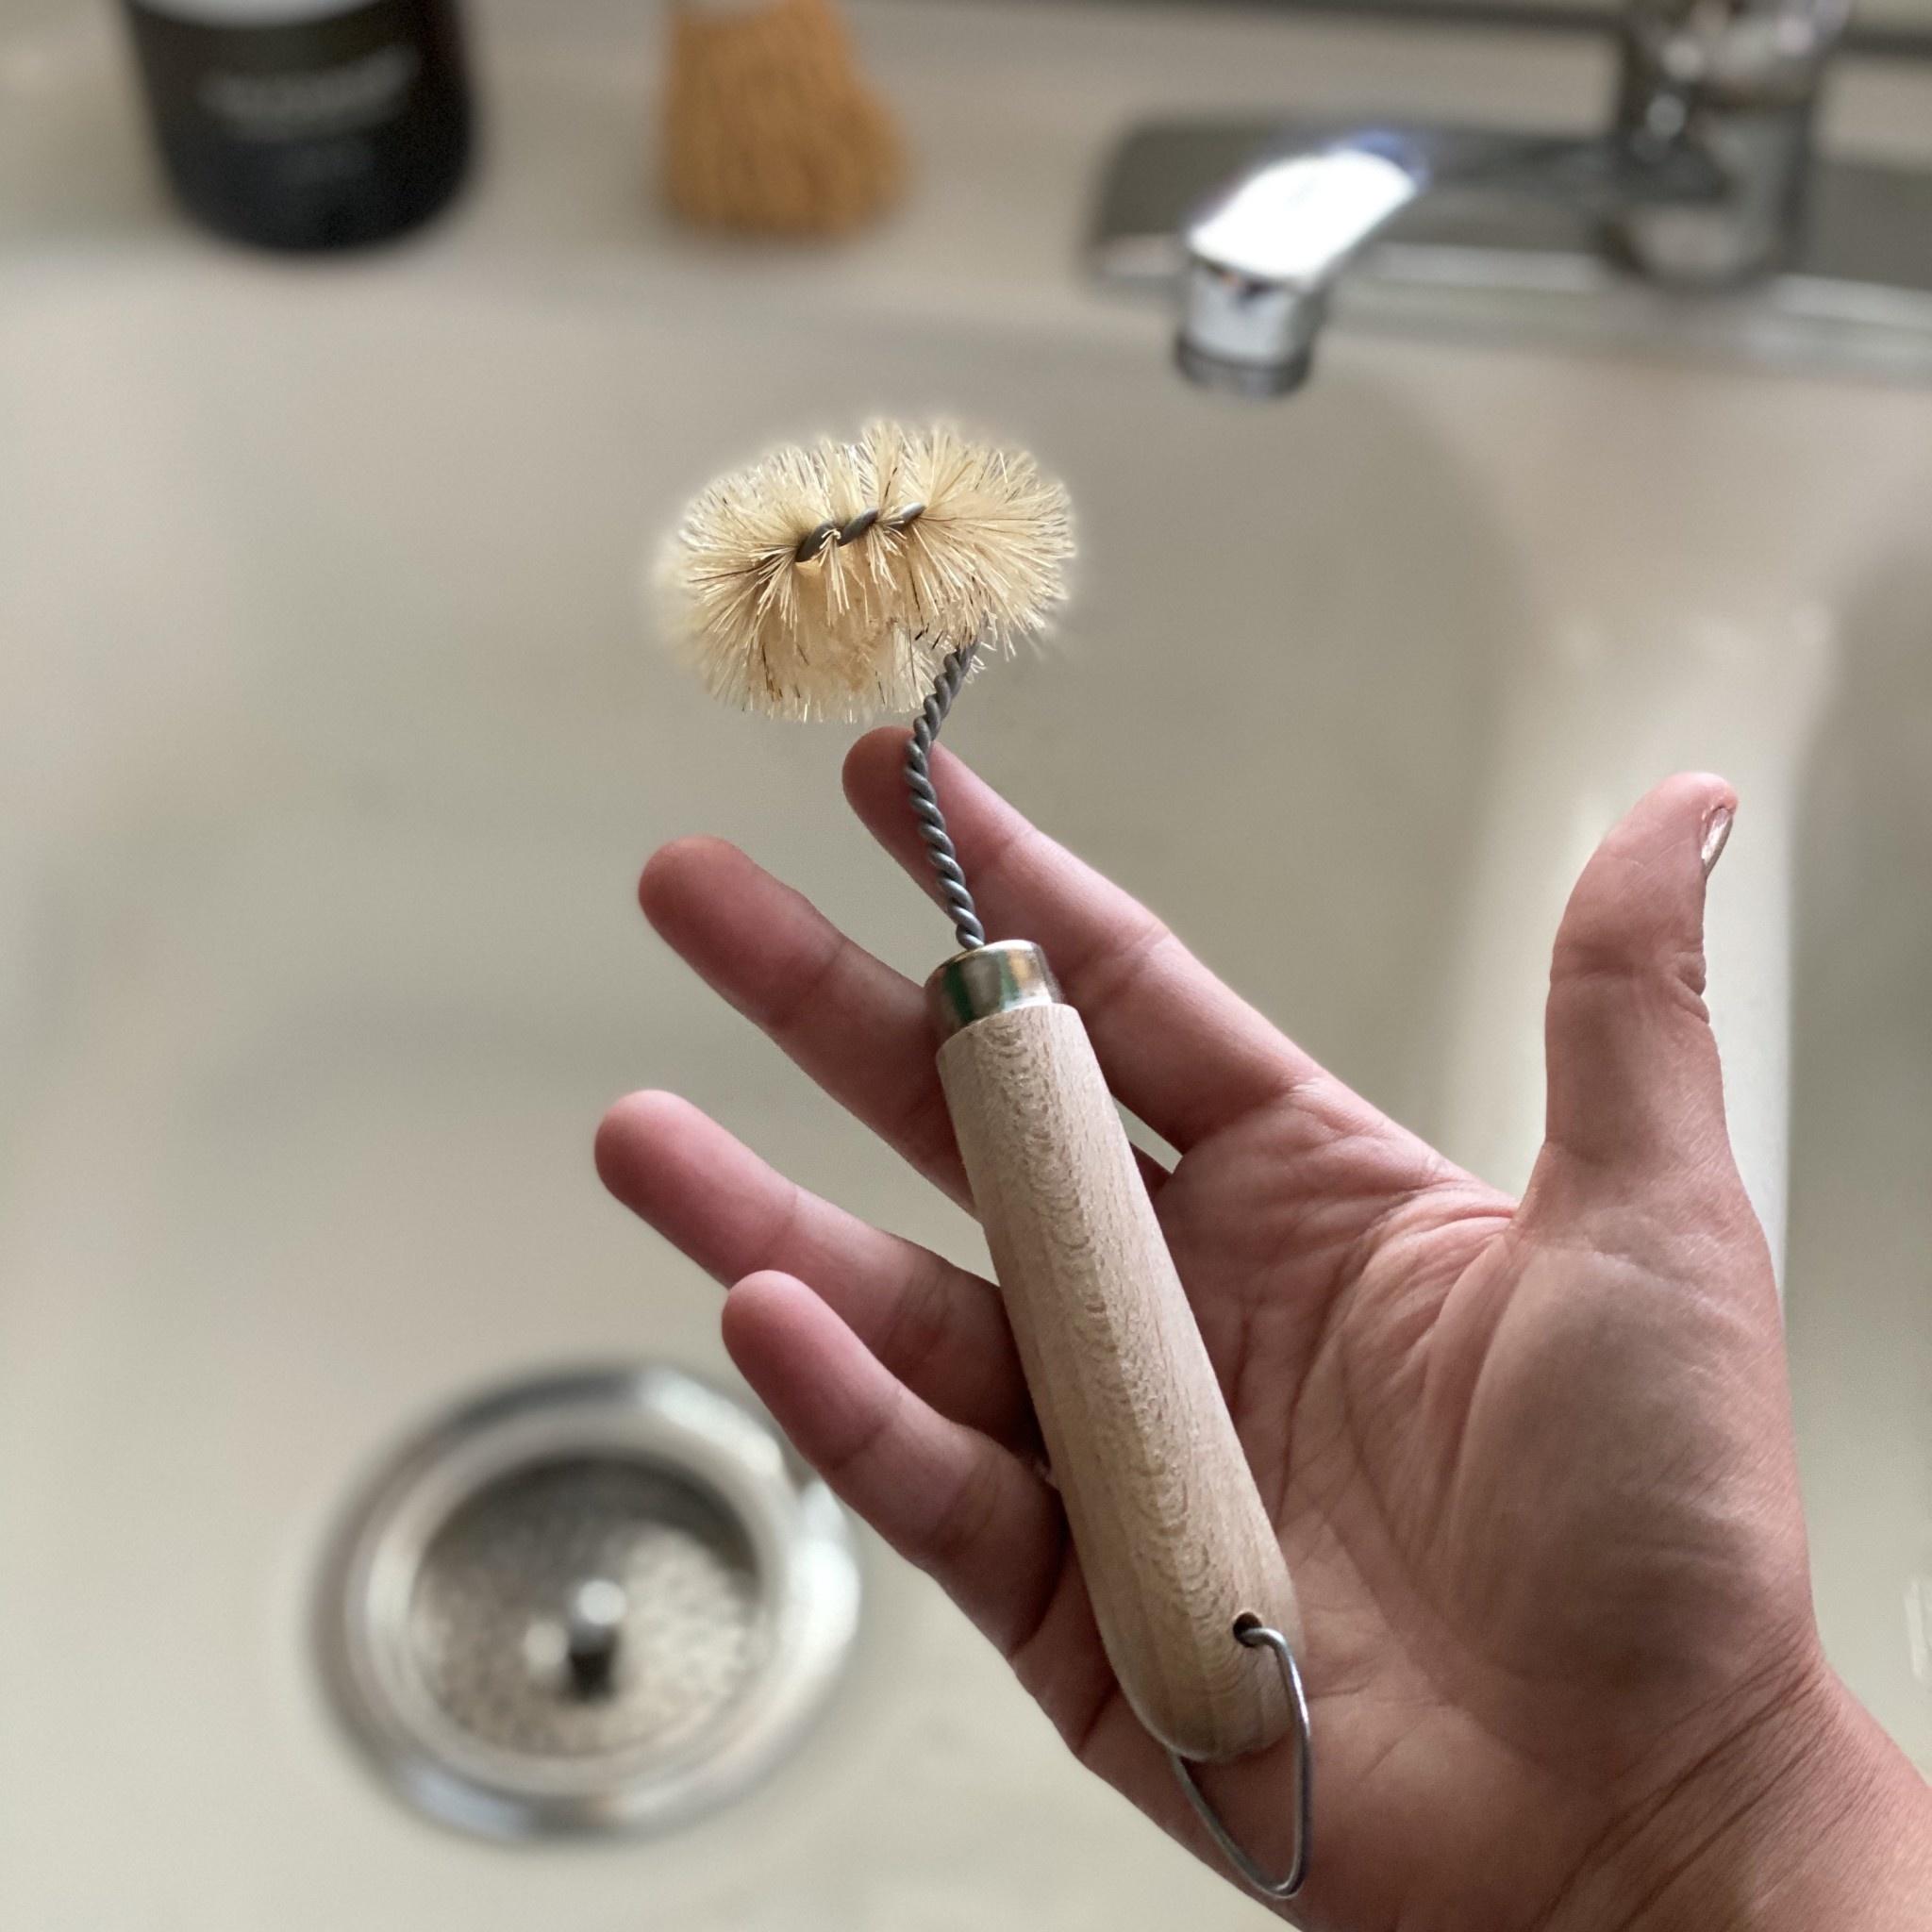 Round Drain Brush